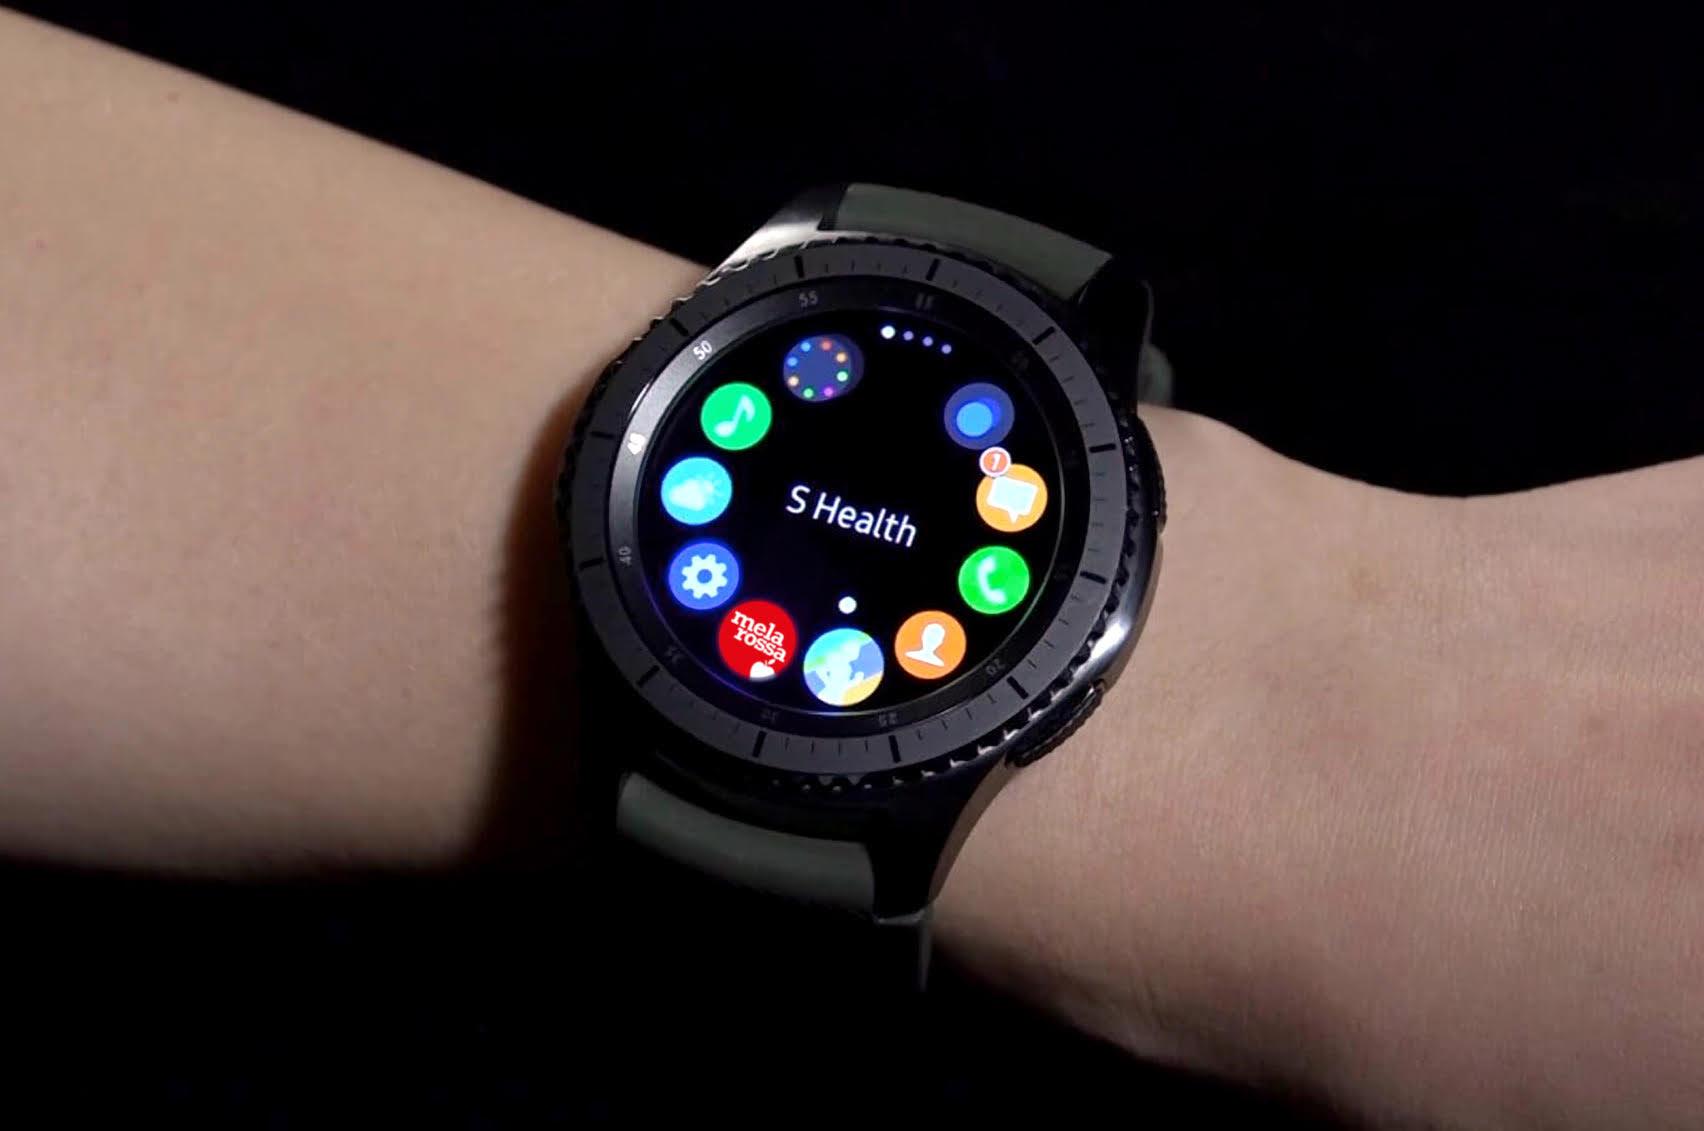 melarossa sull 39 orologio gear s3 samsung con un 39 app per